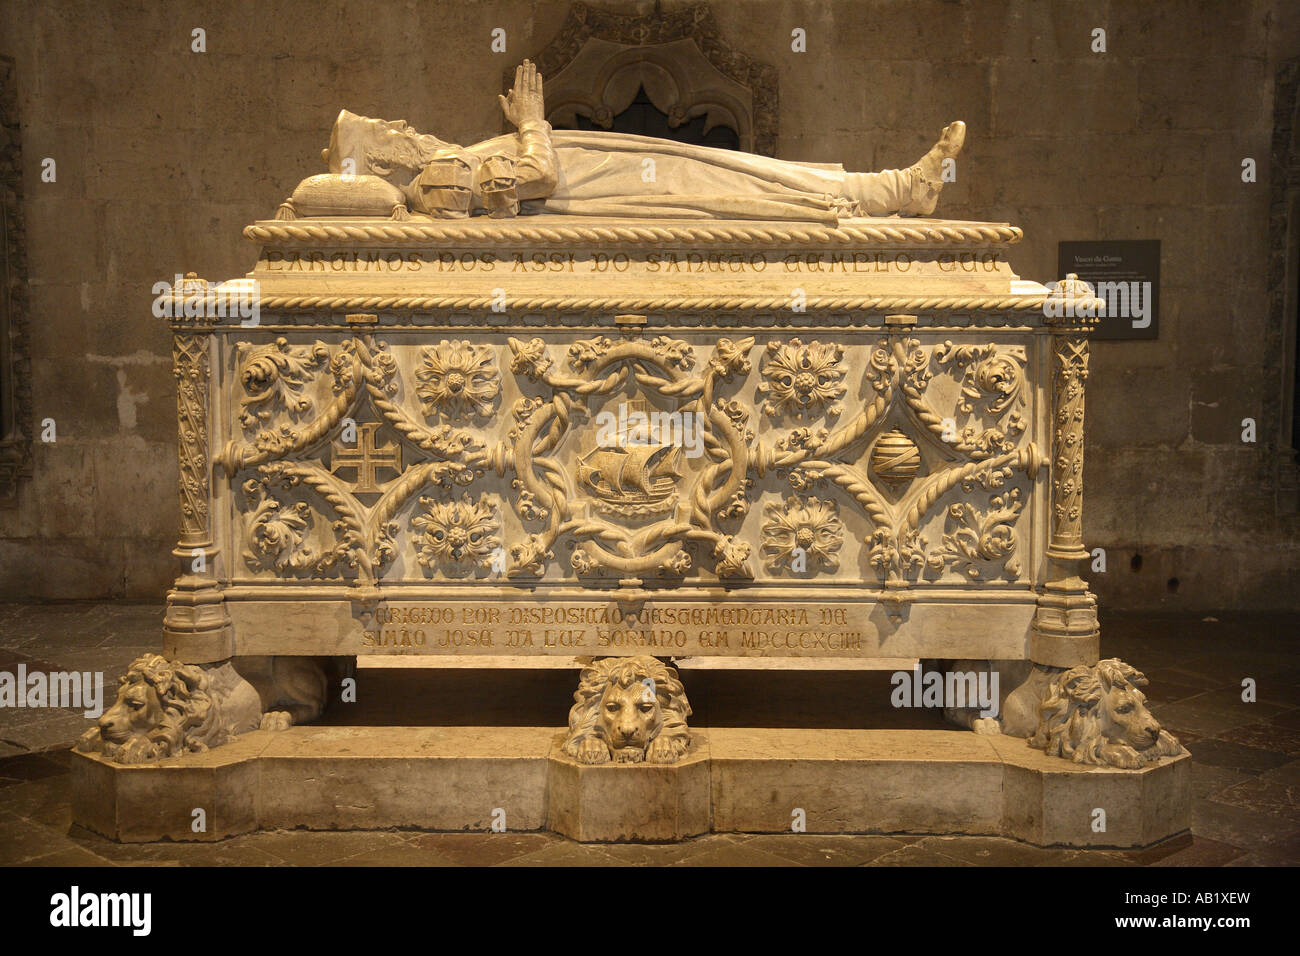 d584a16c8416e Burial place of Vasco da Gama